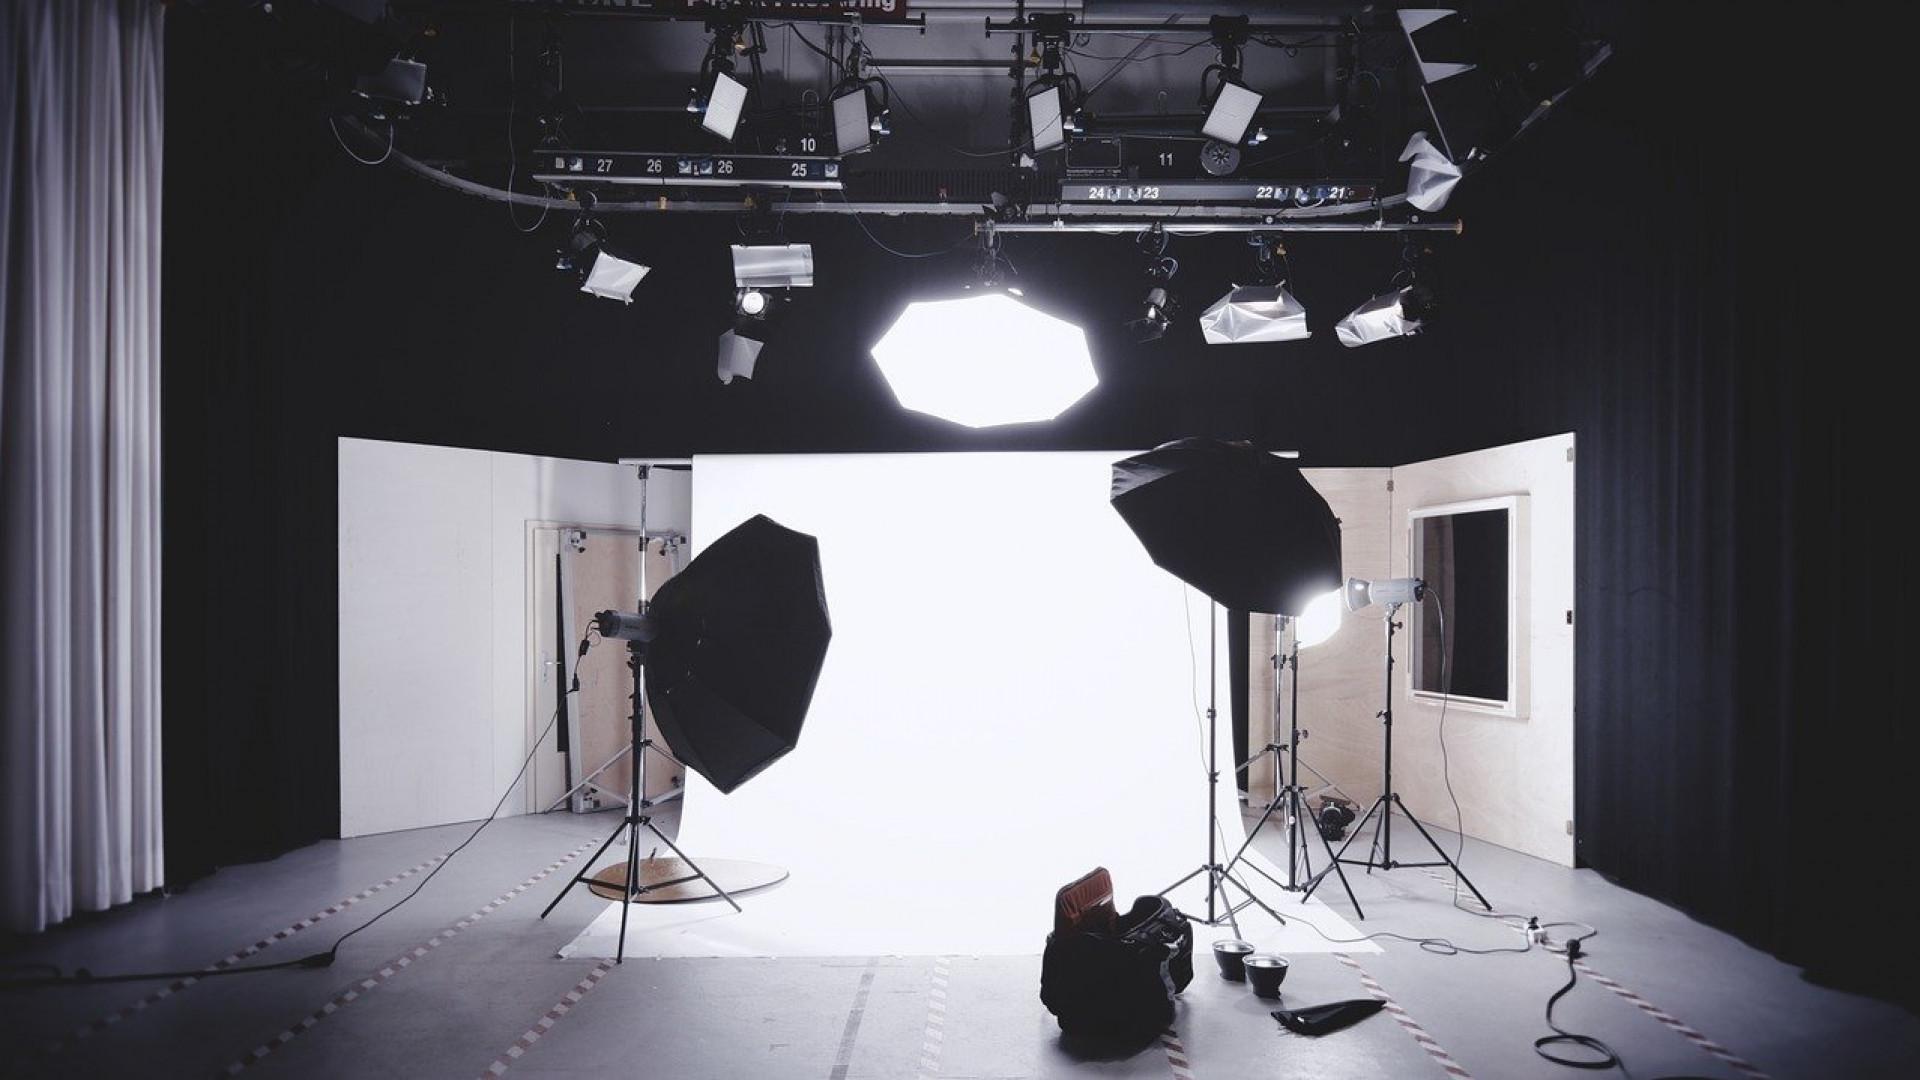 Qu'est-ce qu'un photobooth et pourquoi en louer un lors d'un évènement ?